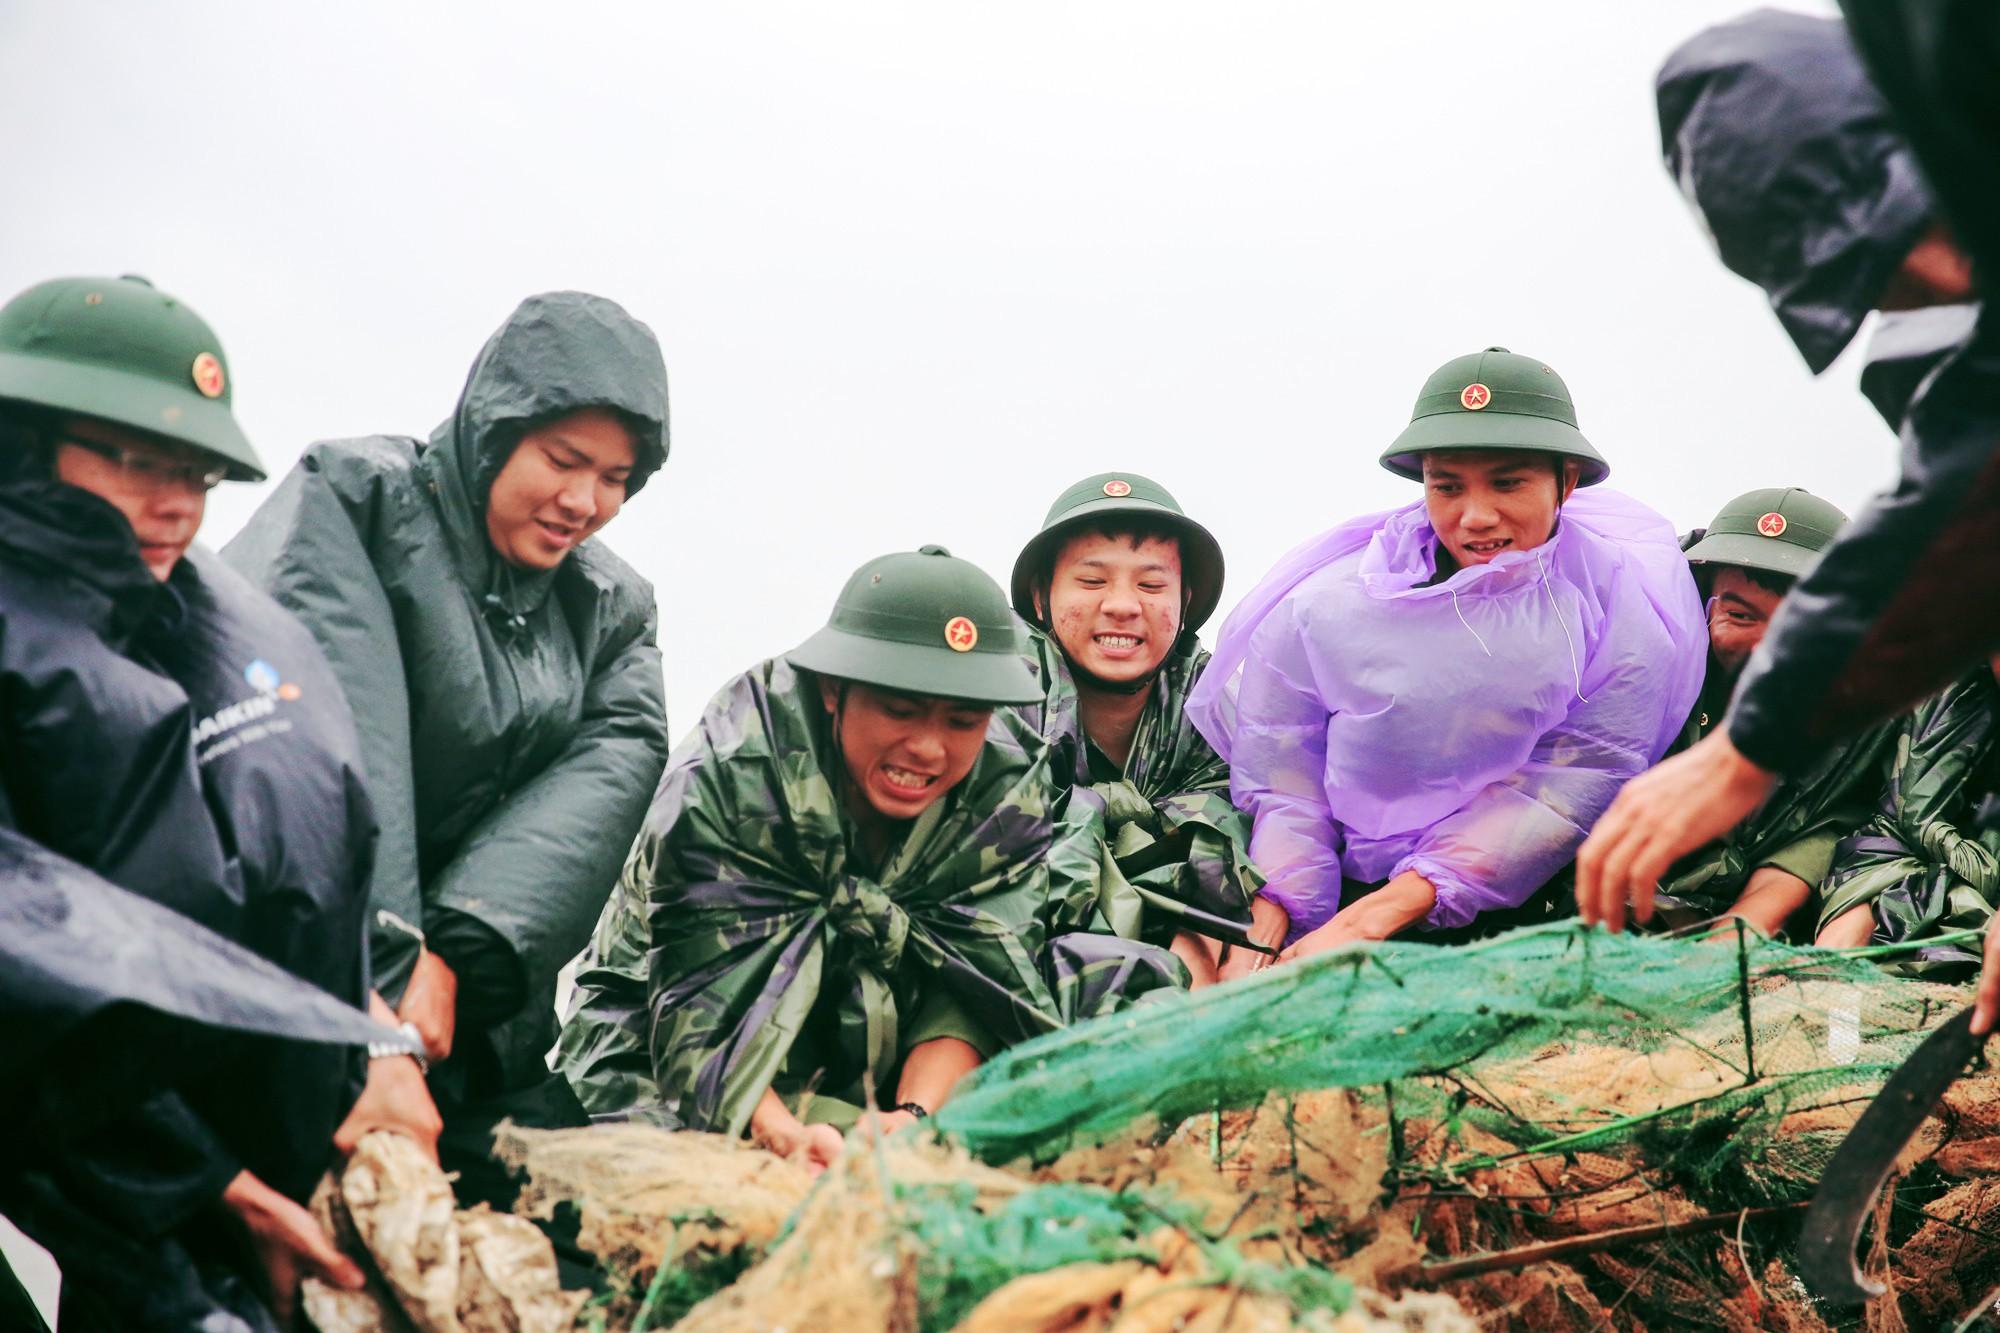 [PHOTO ESSAY] Toàn cảnh APEC 2017 qua 17 khoảnh khắc ấn tượng - Ảnh 3.